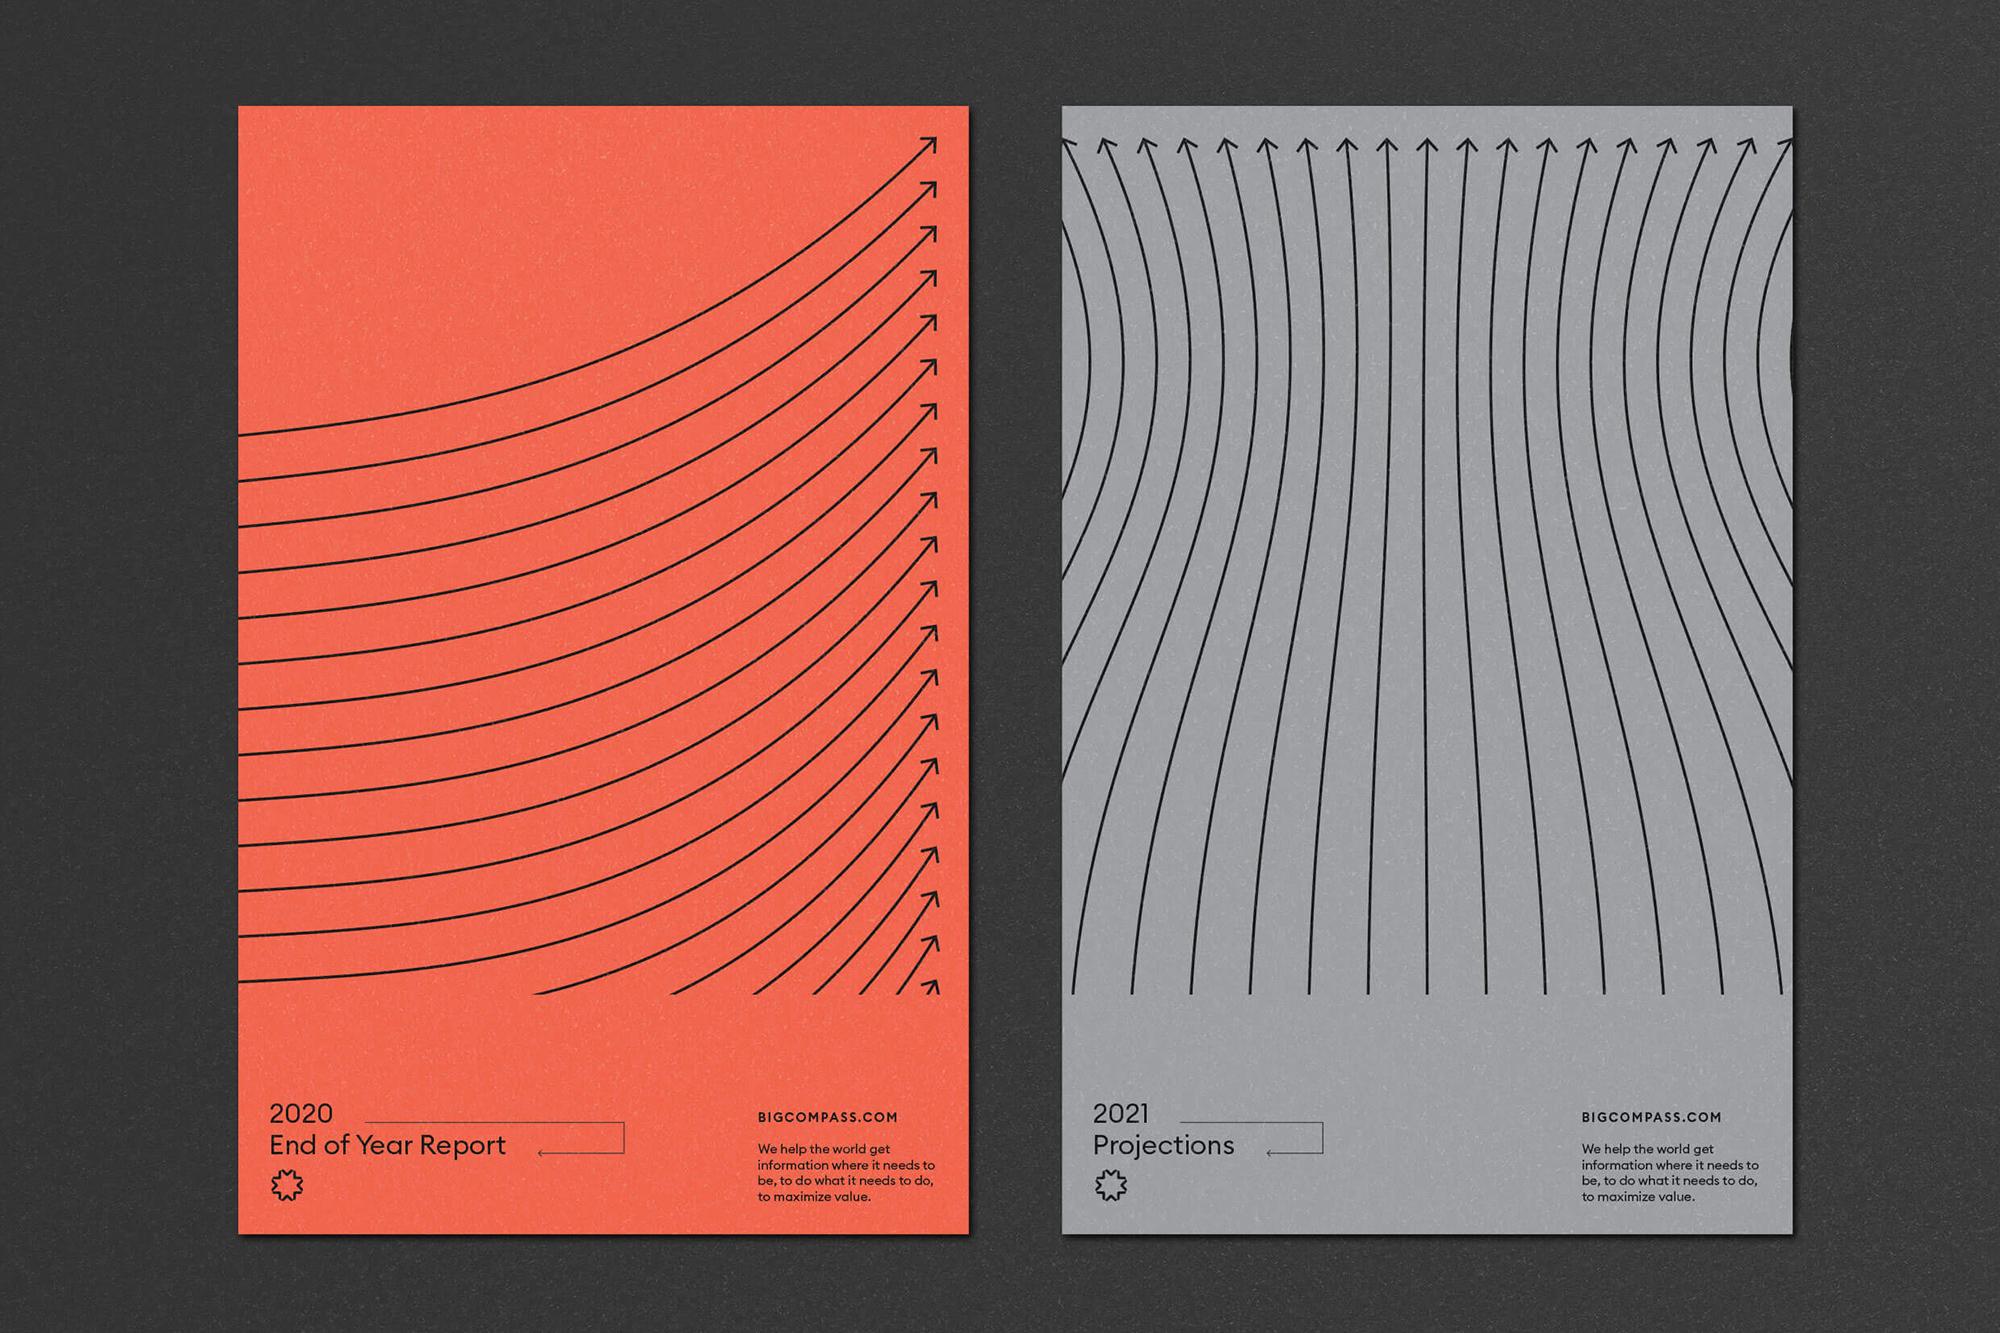 Las 8 tendencias de diseño gráfico que han triunfado este 2020: líneas ultra-finas